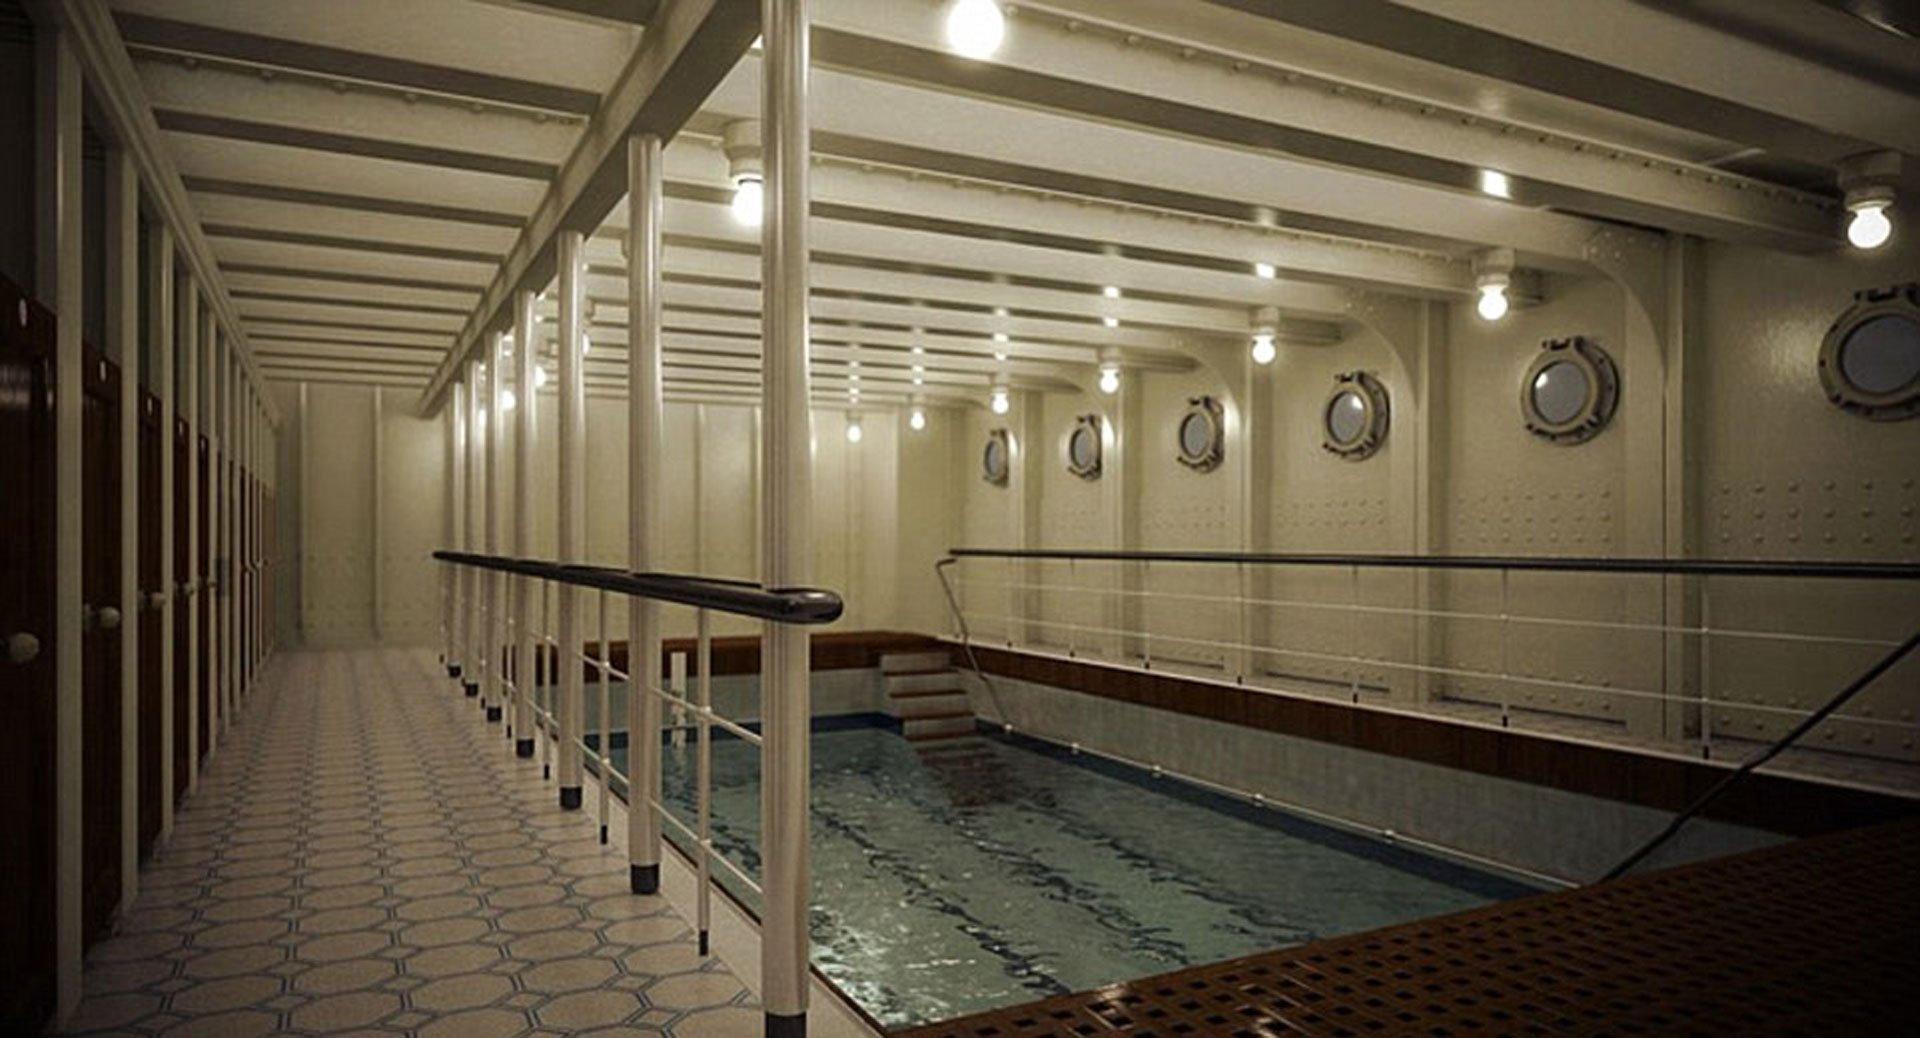 Sólo una piscina interna tendrá el Titanic II, tal como el RMS Titanic. Es una de las grandes diferencias con los cruceros de pasajeros de la actualidad